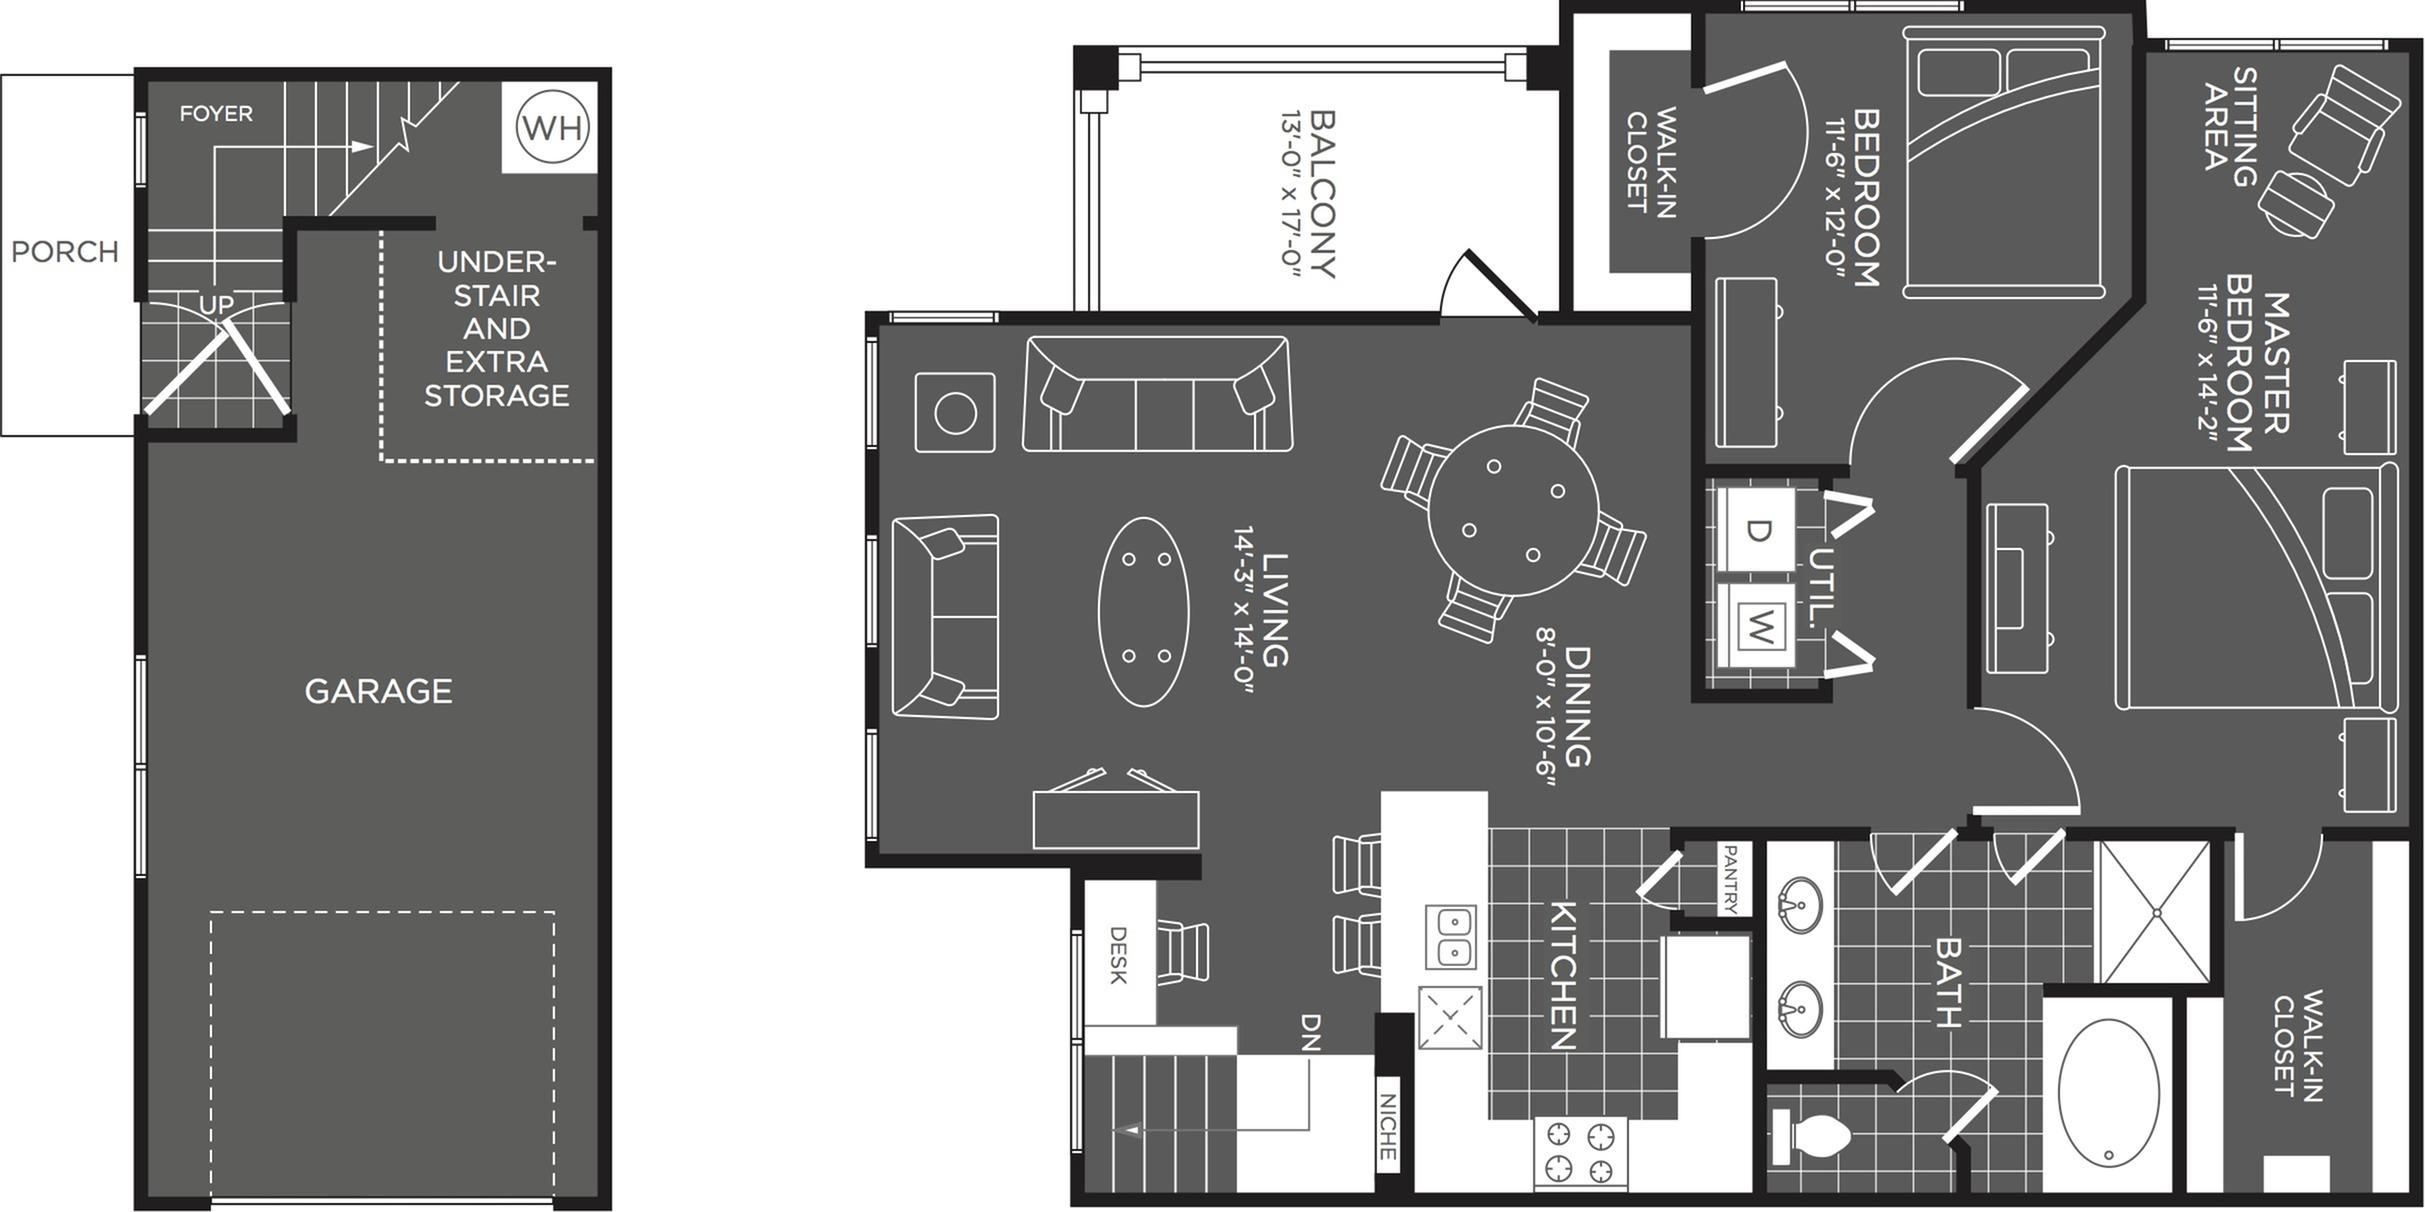 2 Bdrm Floor Plan | Apartments In San Antonio | The Mansions at Briggs Ranch